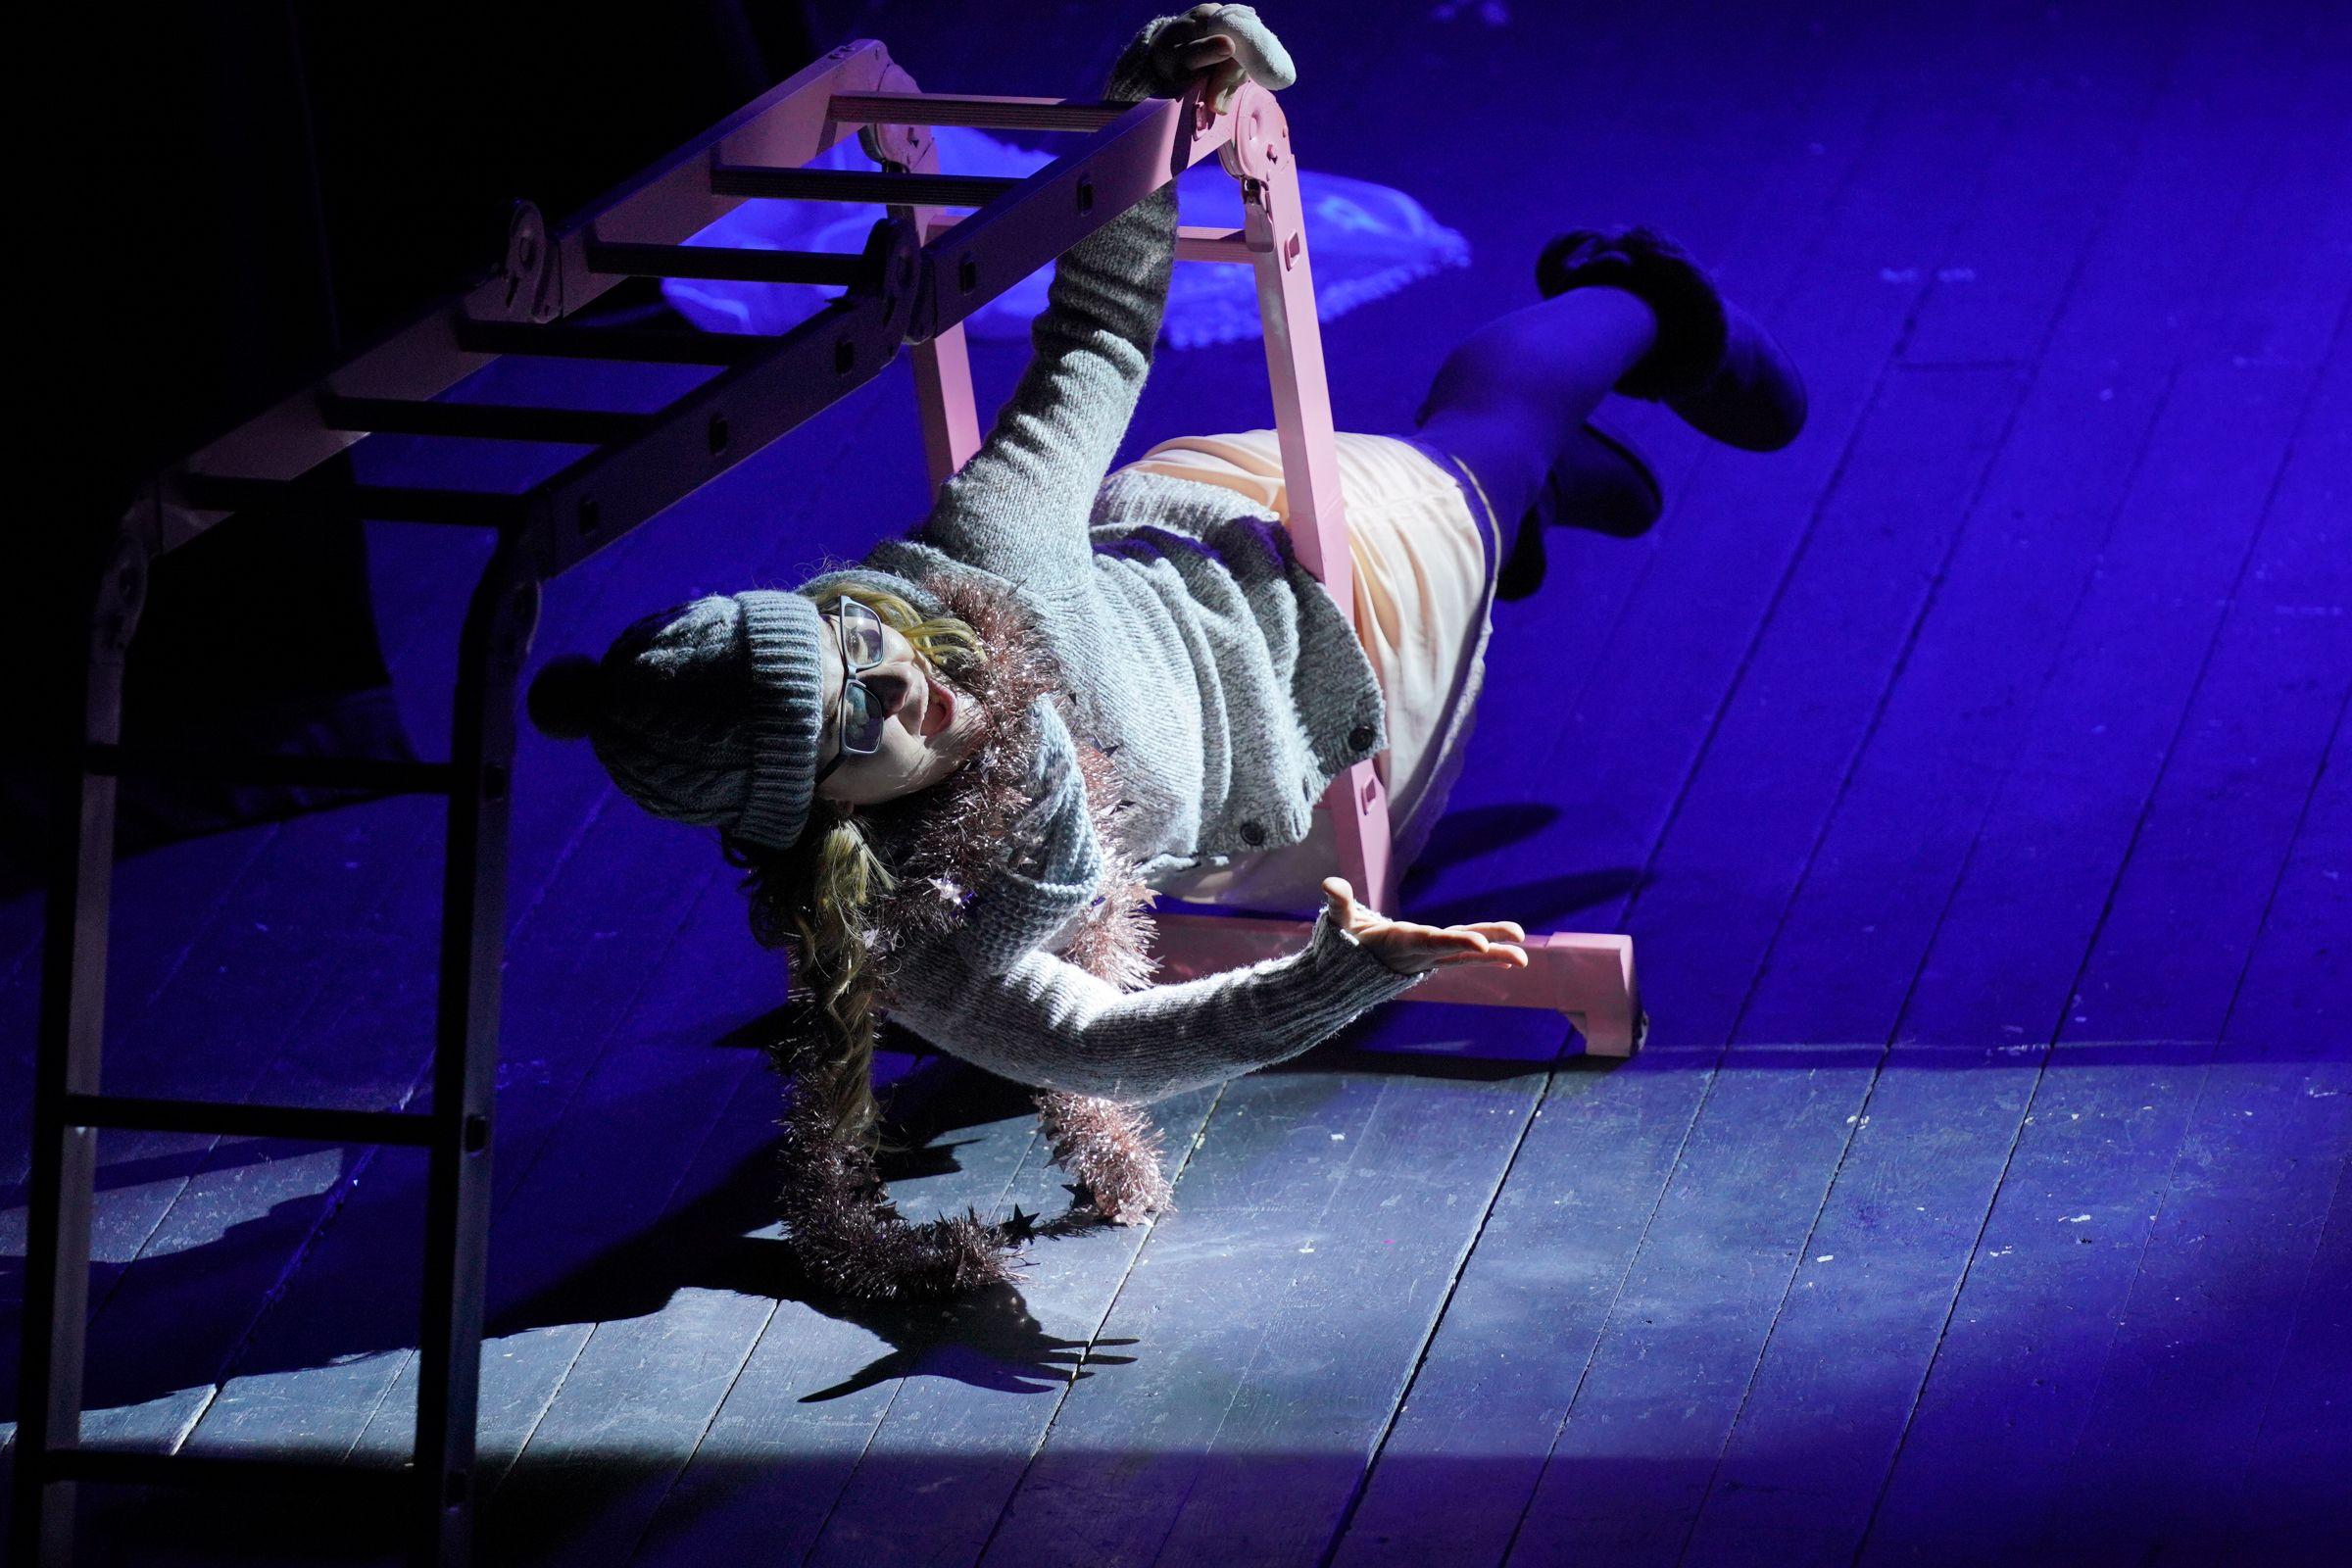 Спектакль «Пила вино и хохотала. Белое» в постановке «Театра двух» (Санкт-Петербург) фото 10